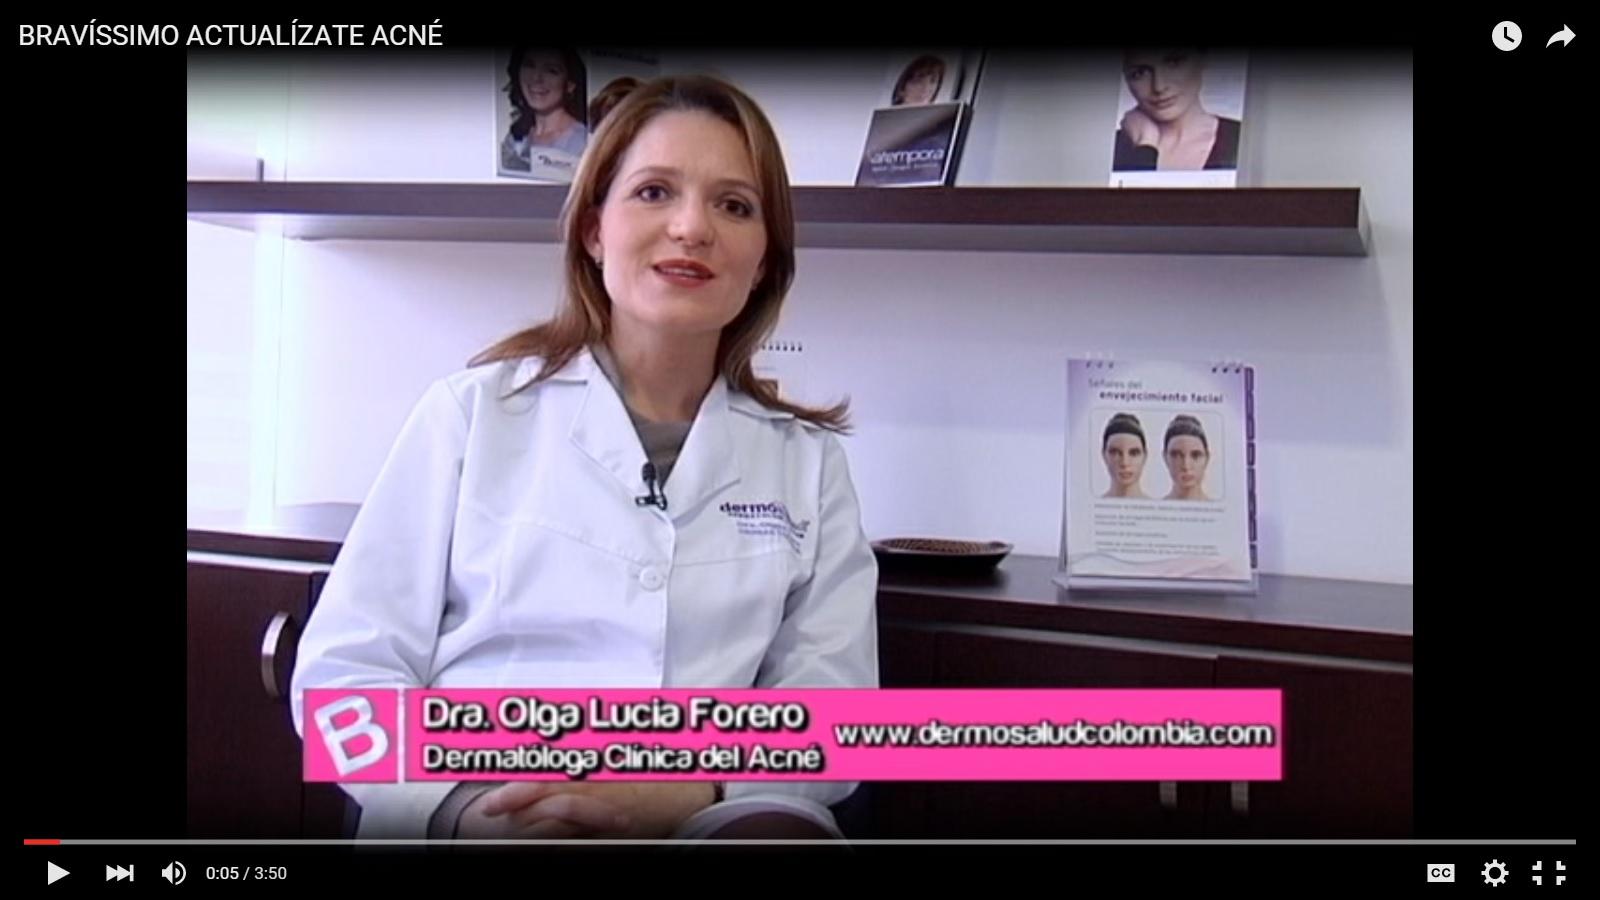 Actualízate Acné - Dermosalud